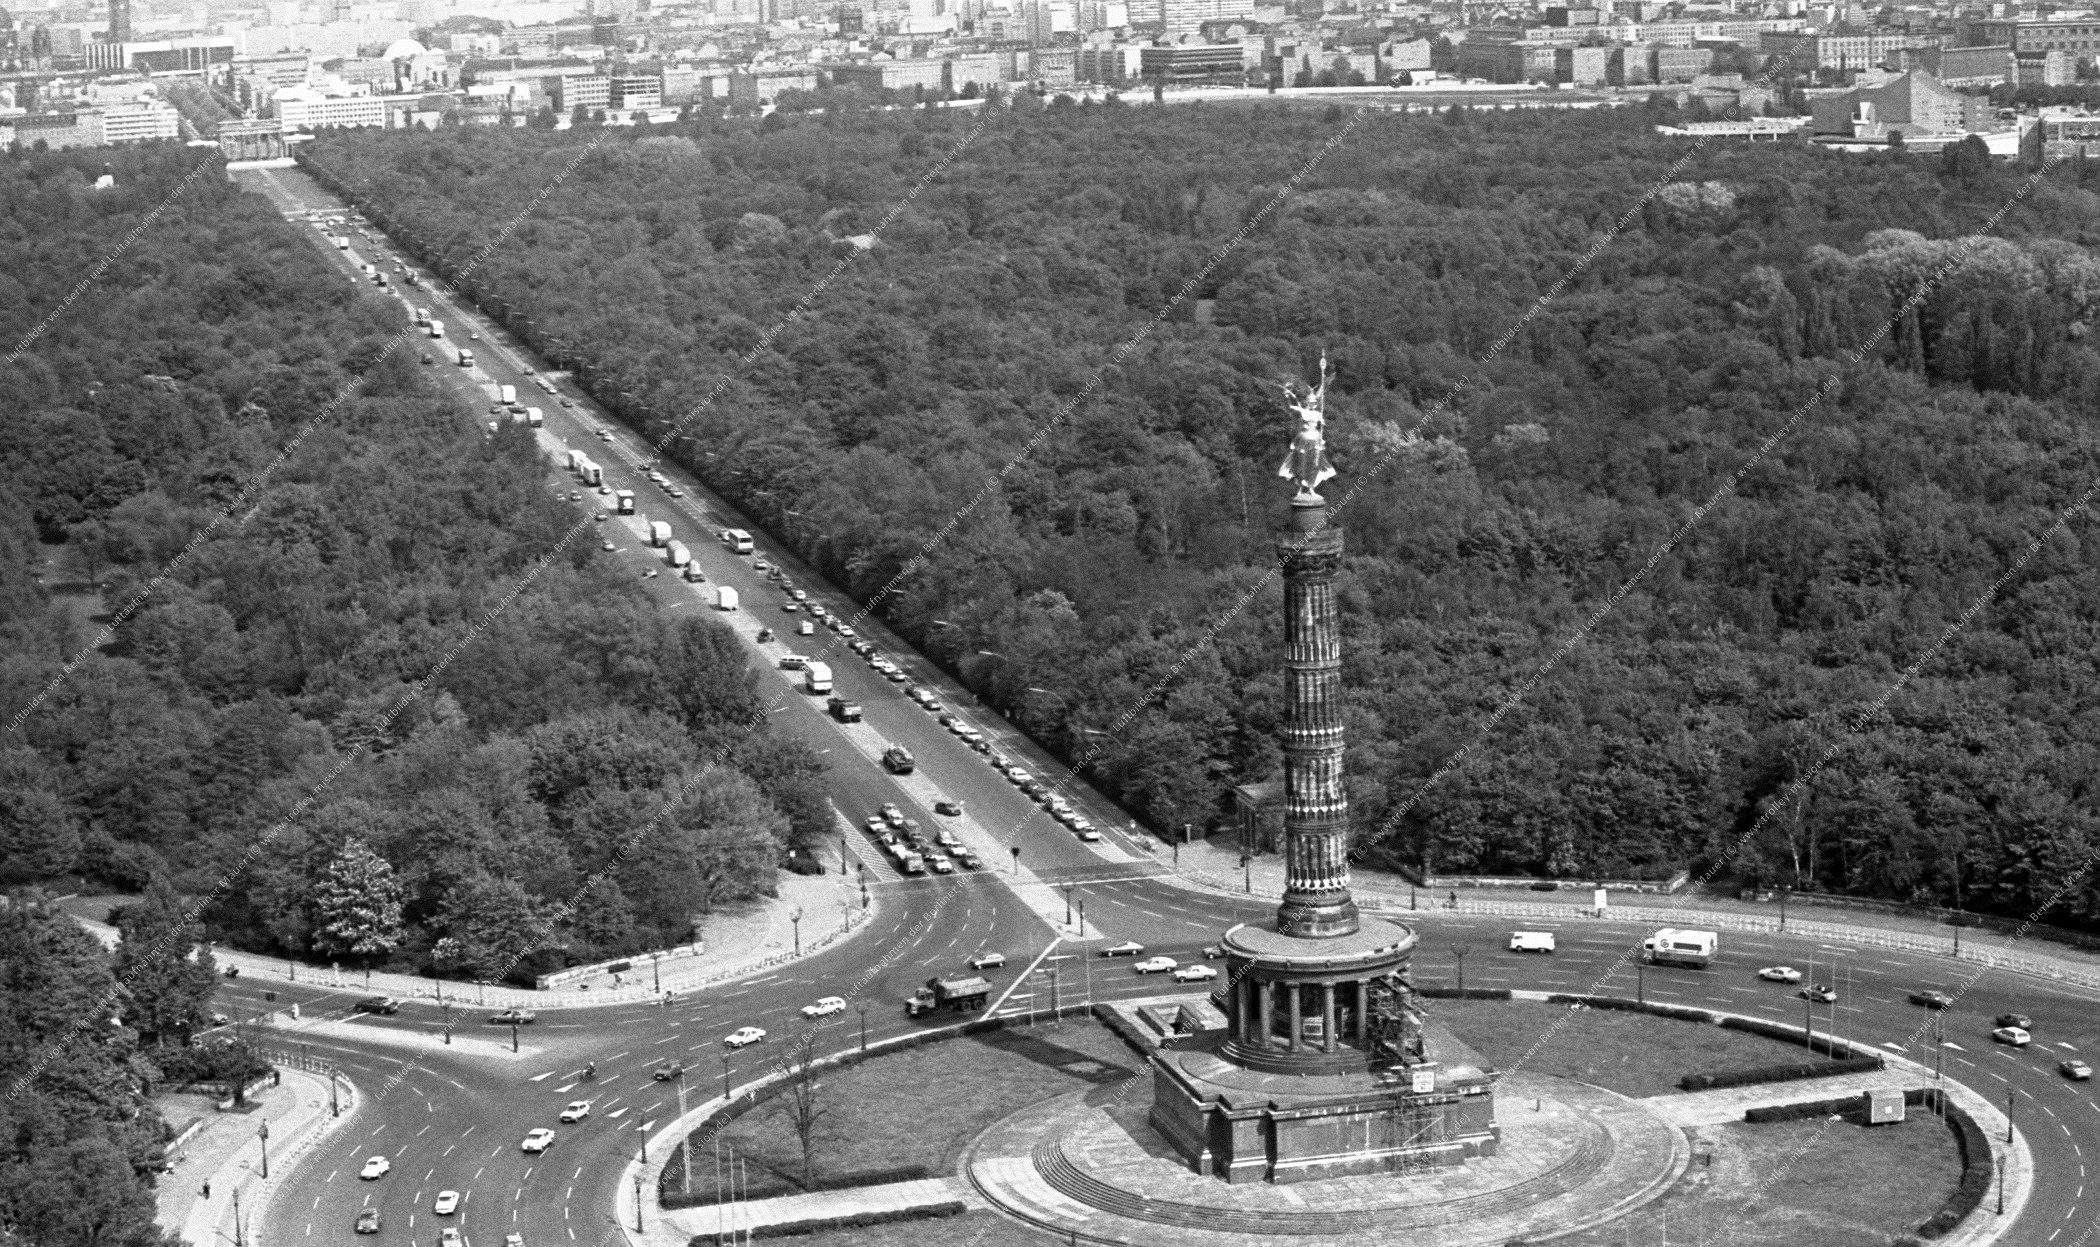 Berlin Luftbild Siegessäule am Großen Stern vom 12. Mai 1982 (Bild 056)